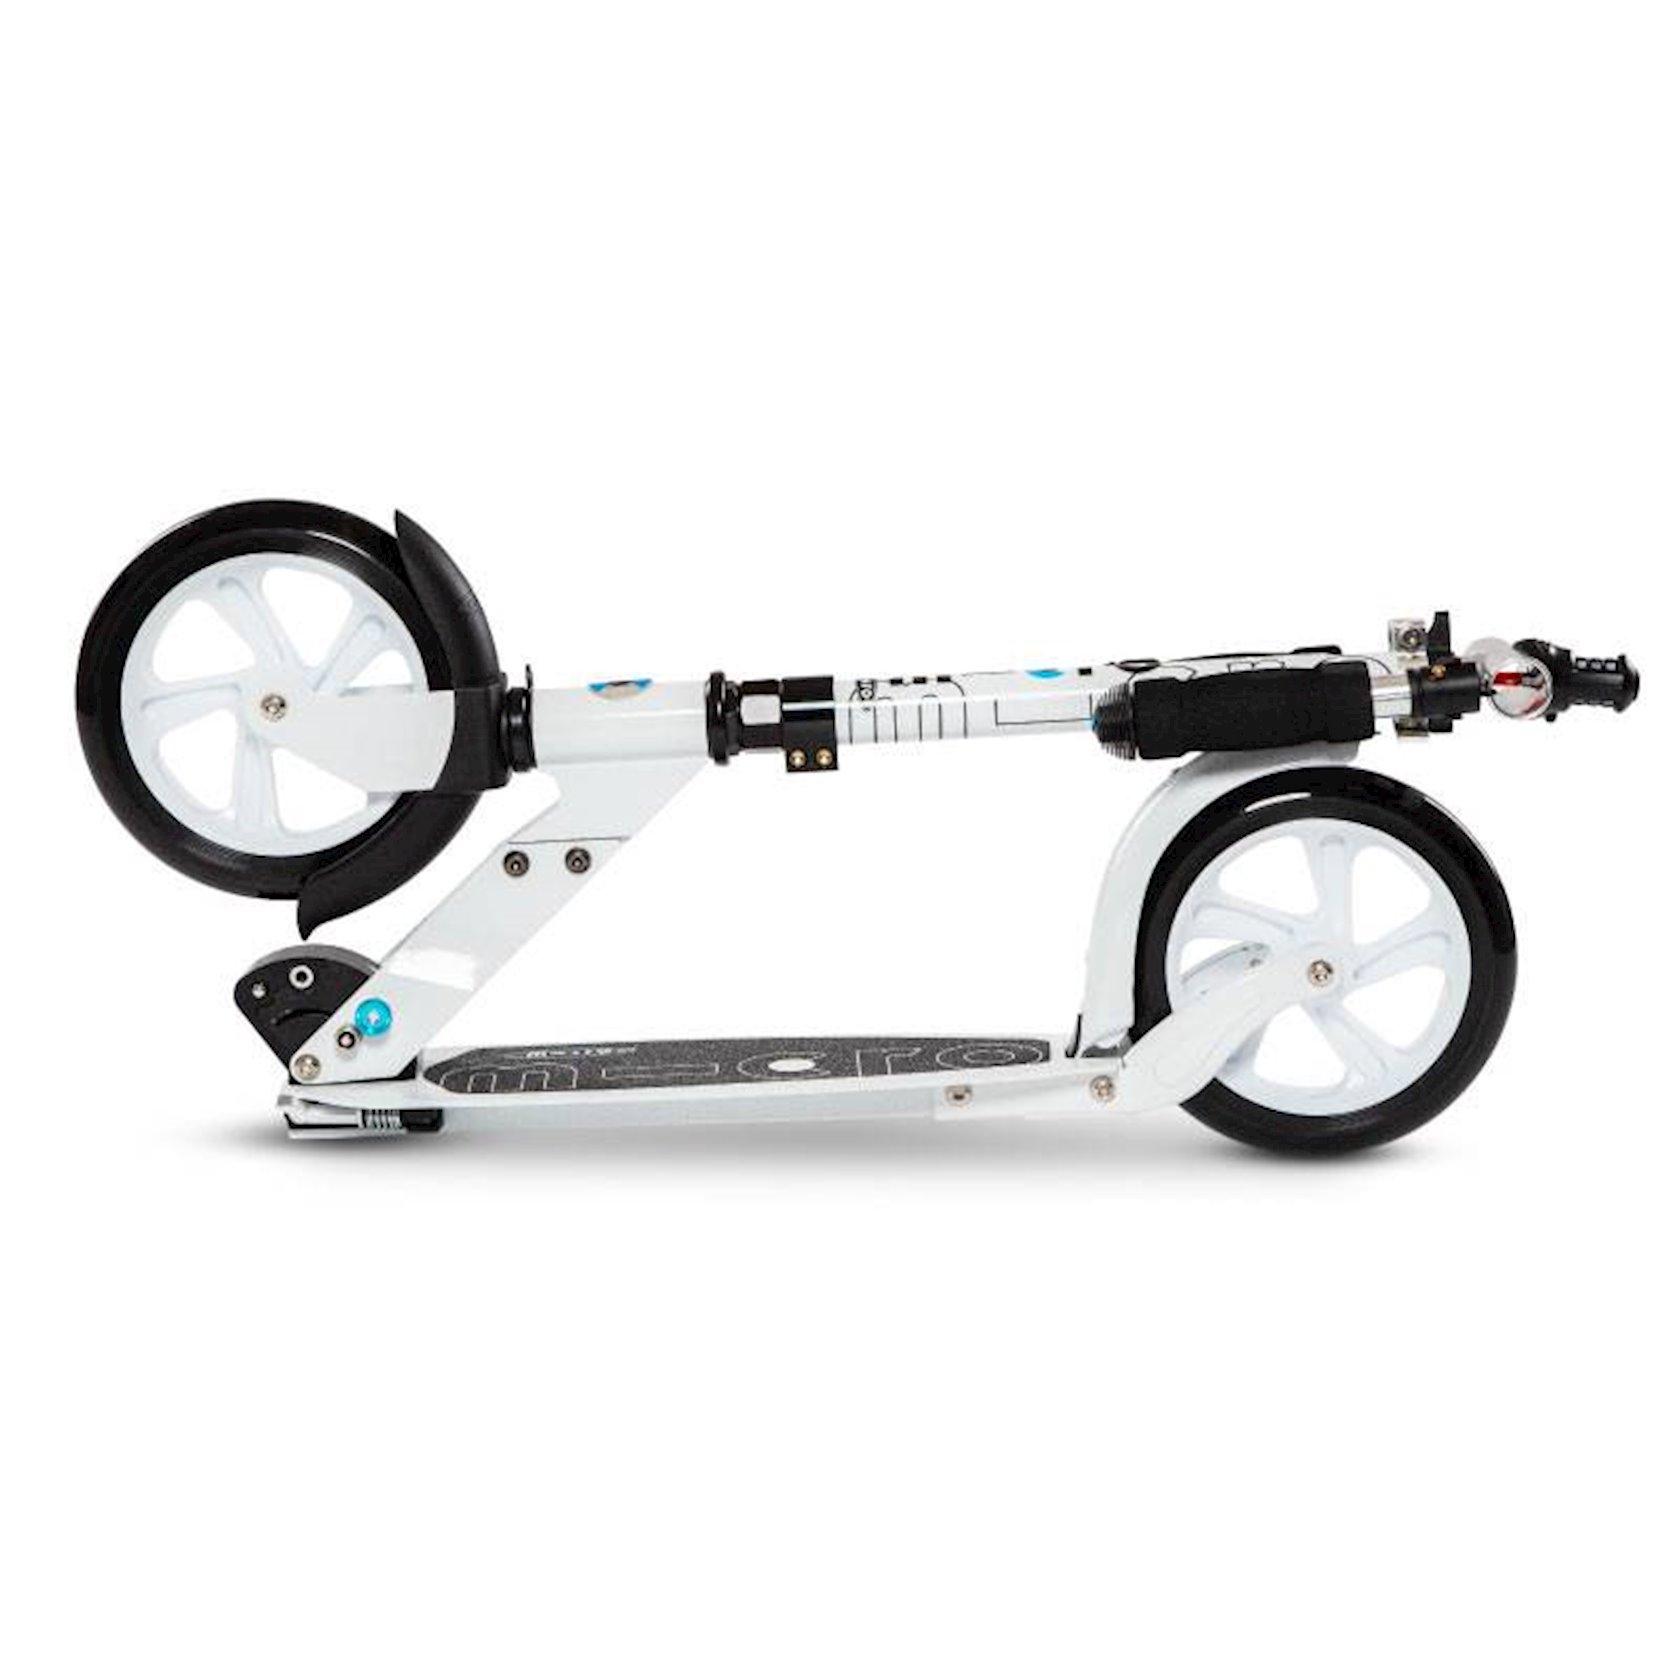 İki təkərli qatlanan samokat Micro White Interlock, ağ, alüminium, 18+ yaş, 73x12x72-103 sm, колеса 200 mm, 4700 q